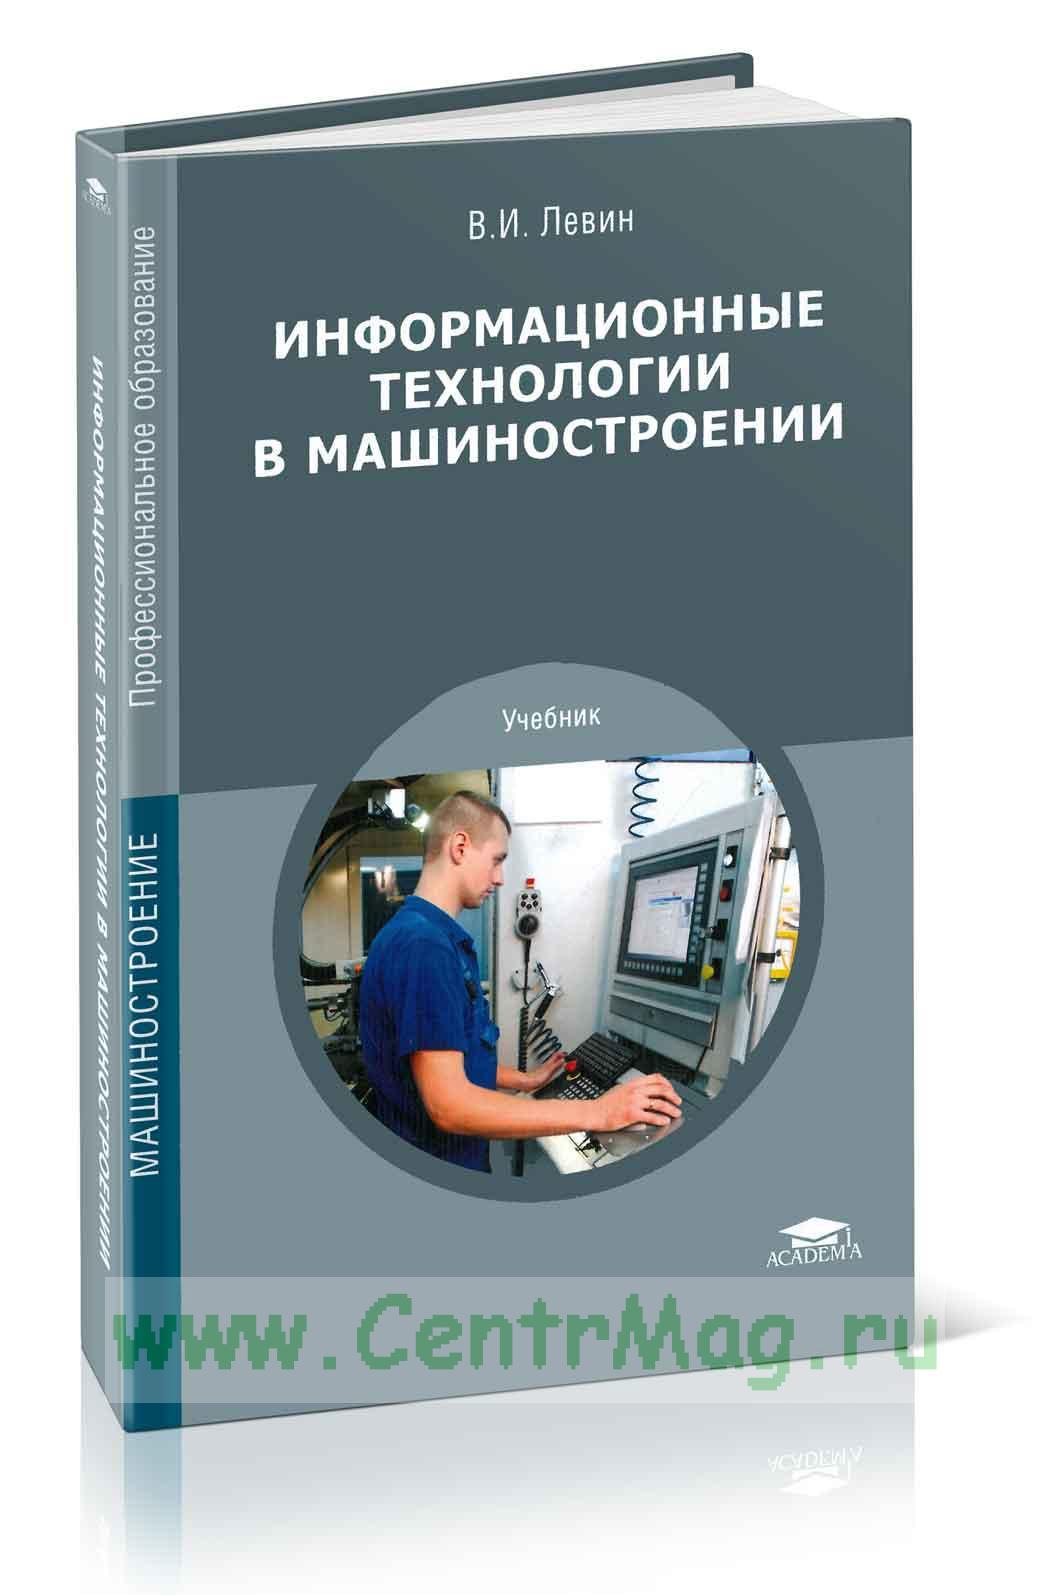 Информационные технологии в машиностроении: учебник (6-е издание, стереотипное)